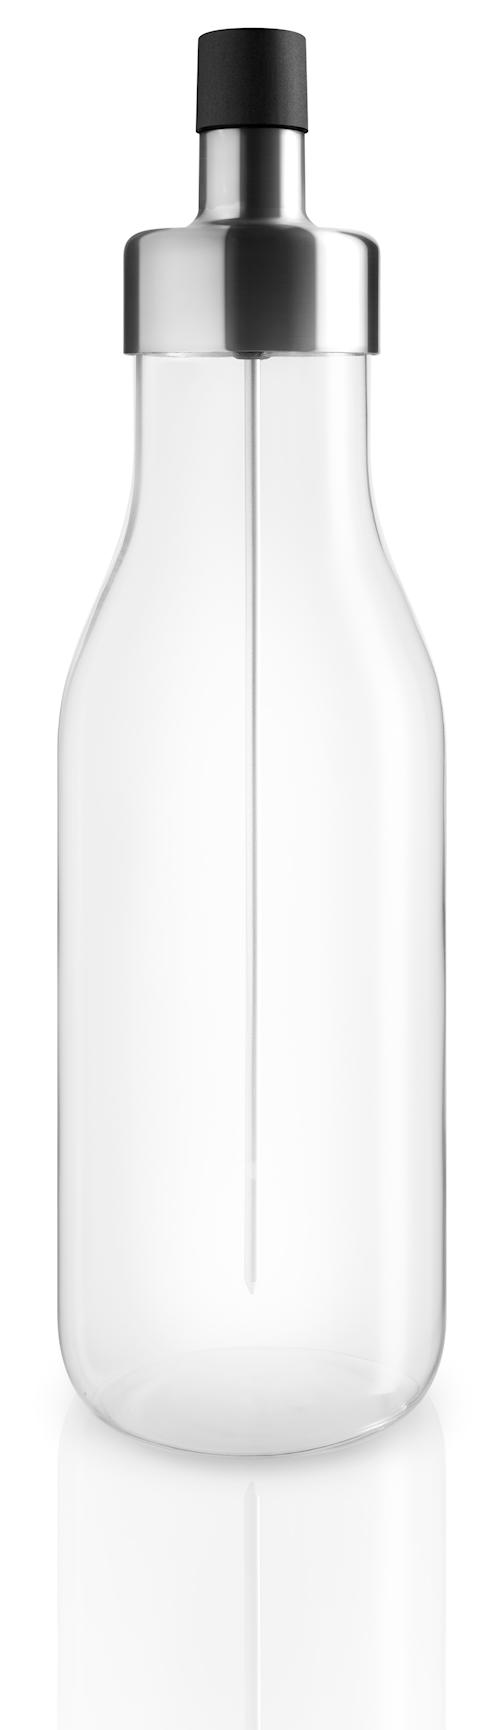 Öljykarahvi MyFlavour 0,5 L